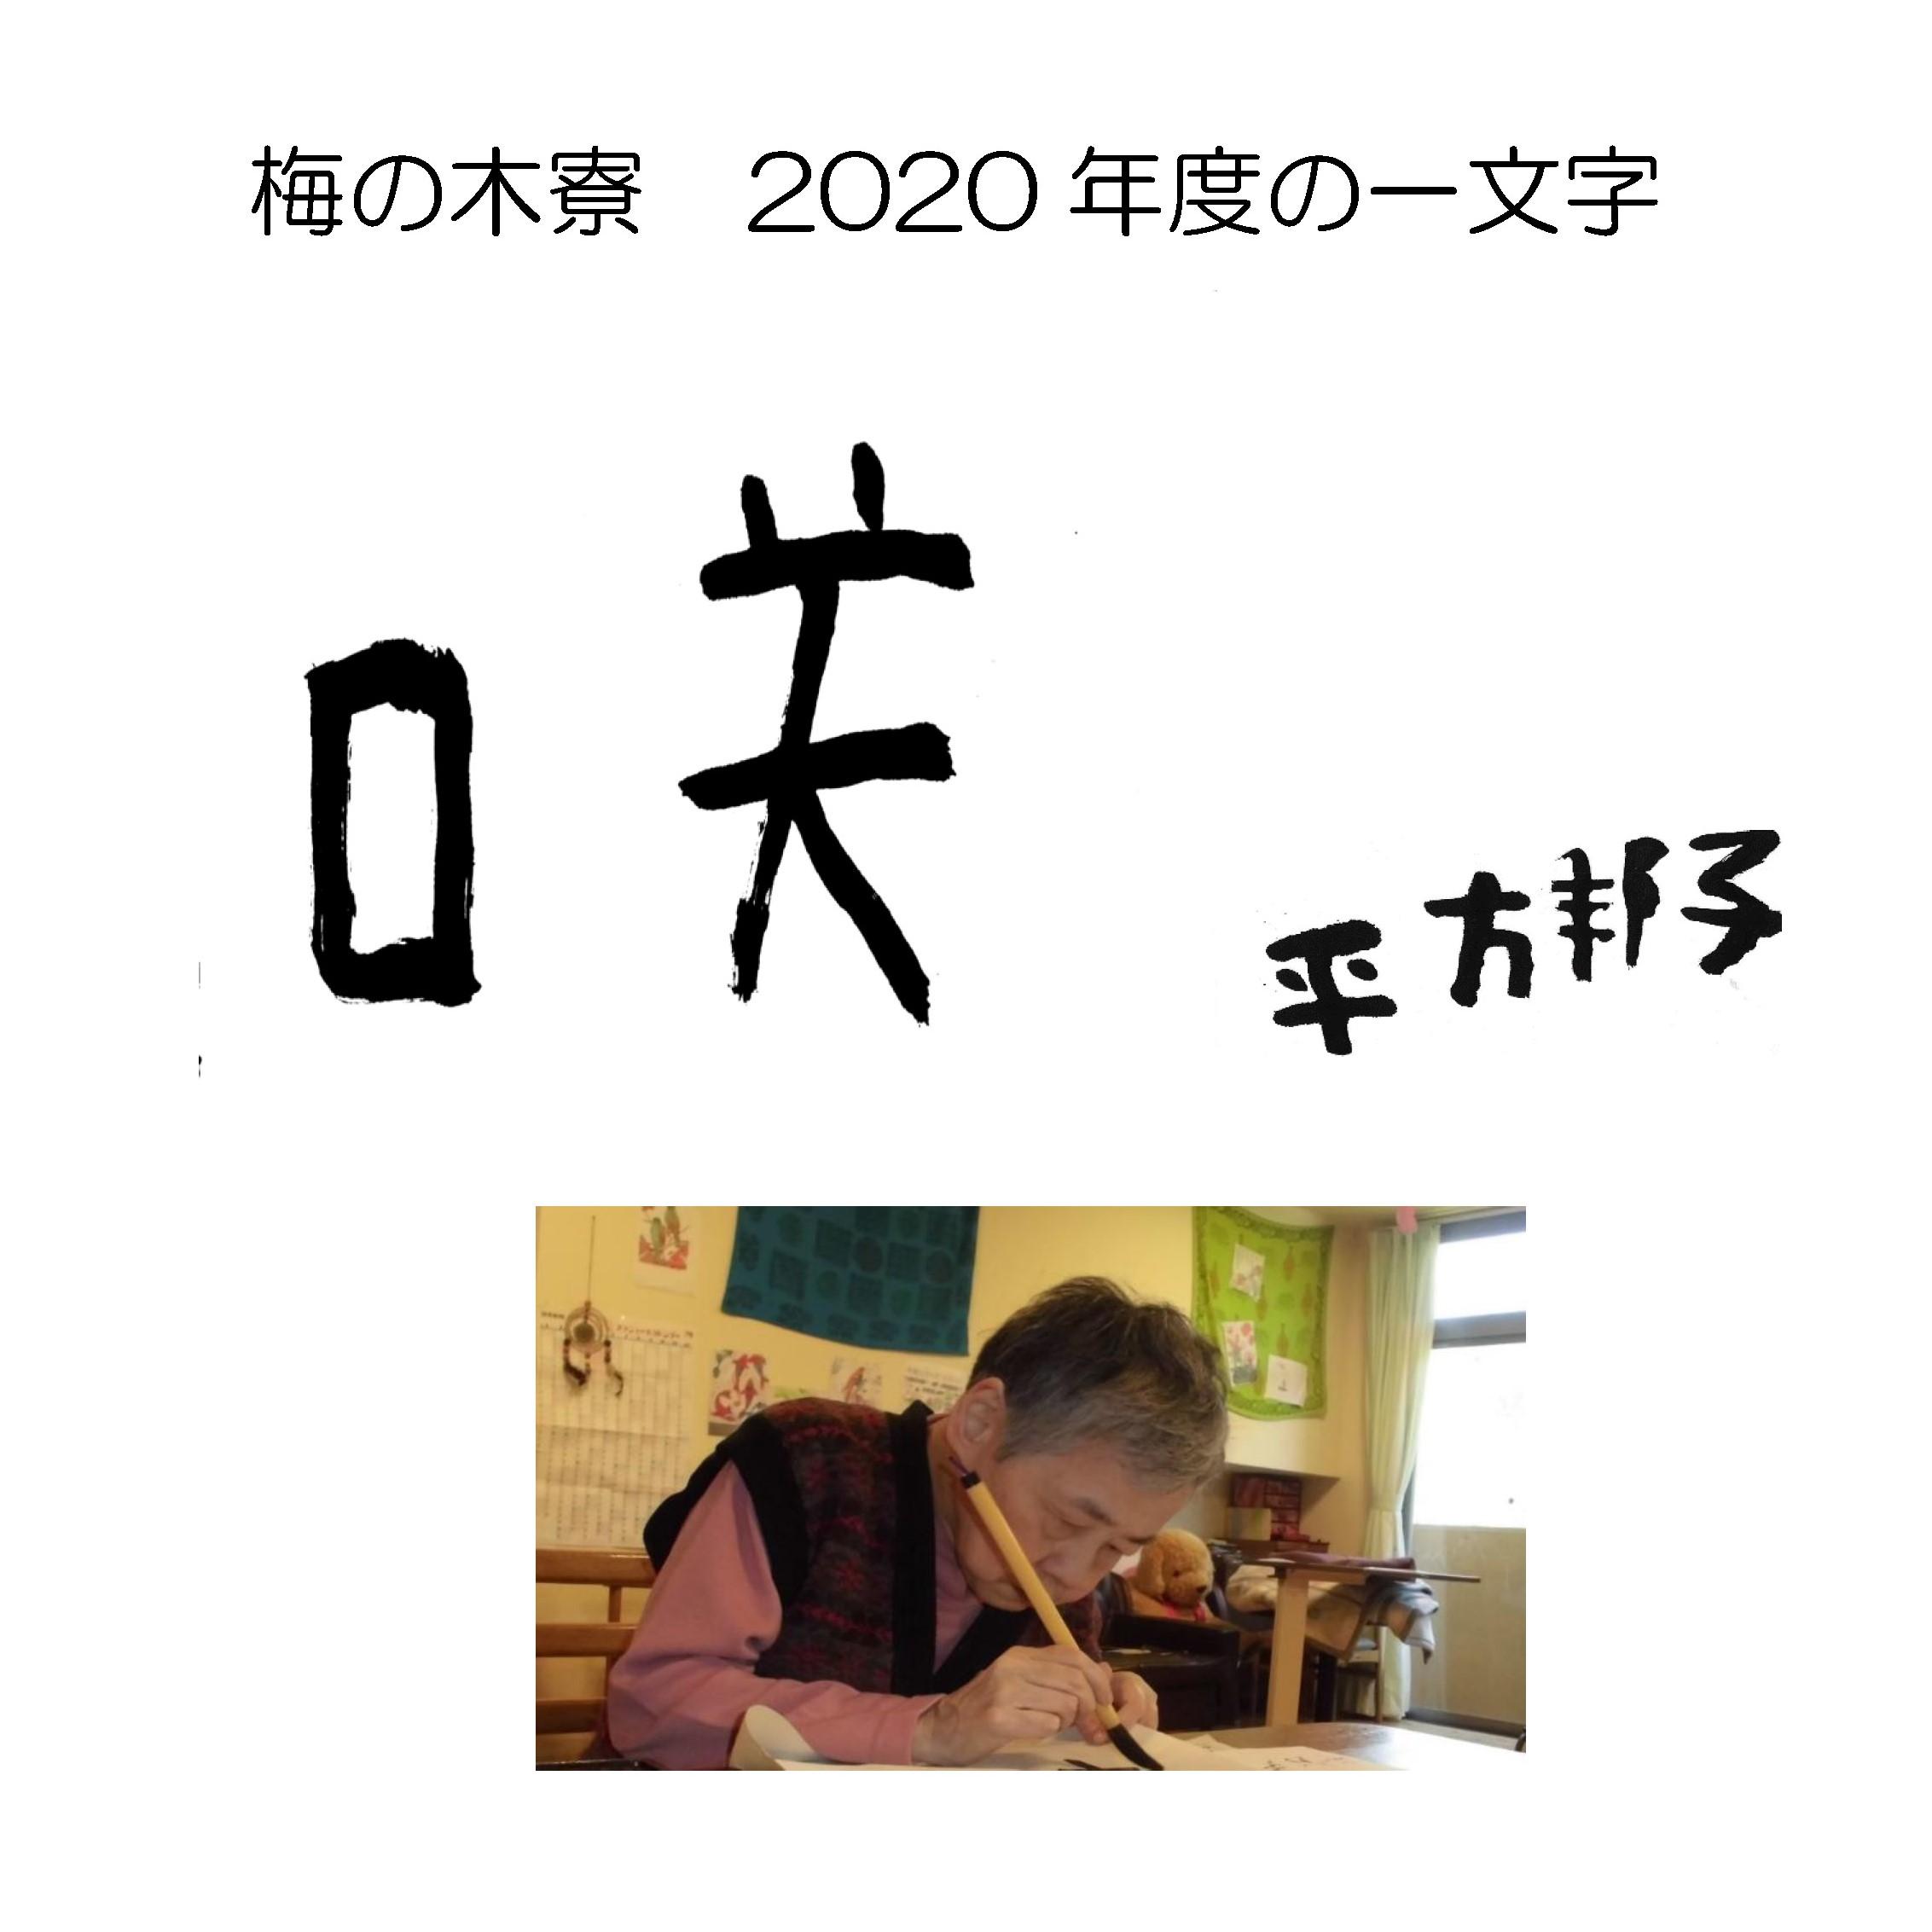 いこいの村 梅の木寮 2020年度漢字一文字は『咲』!